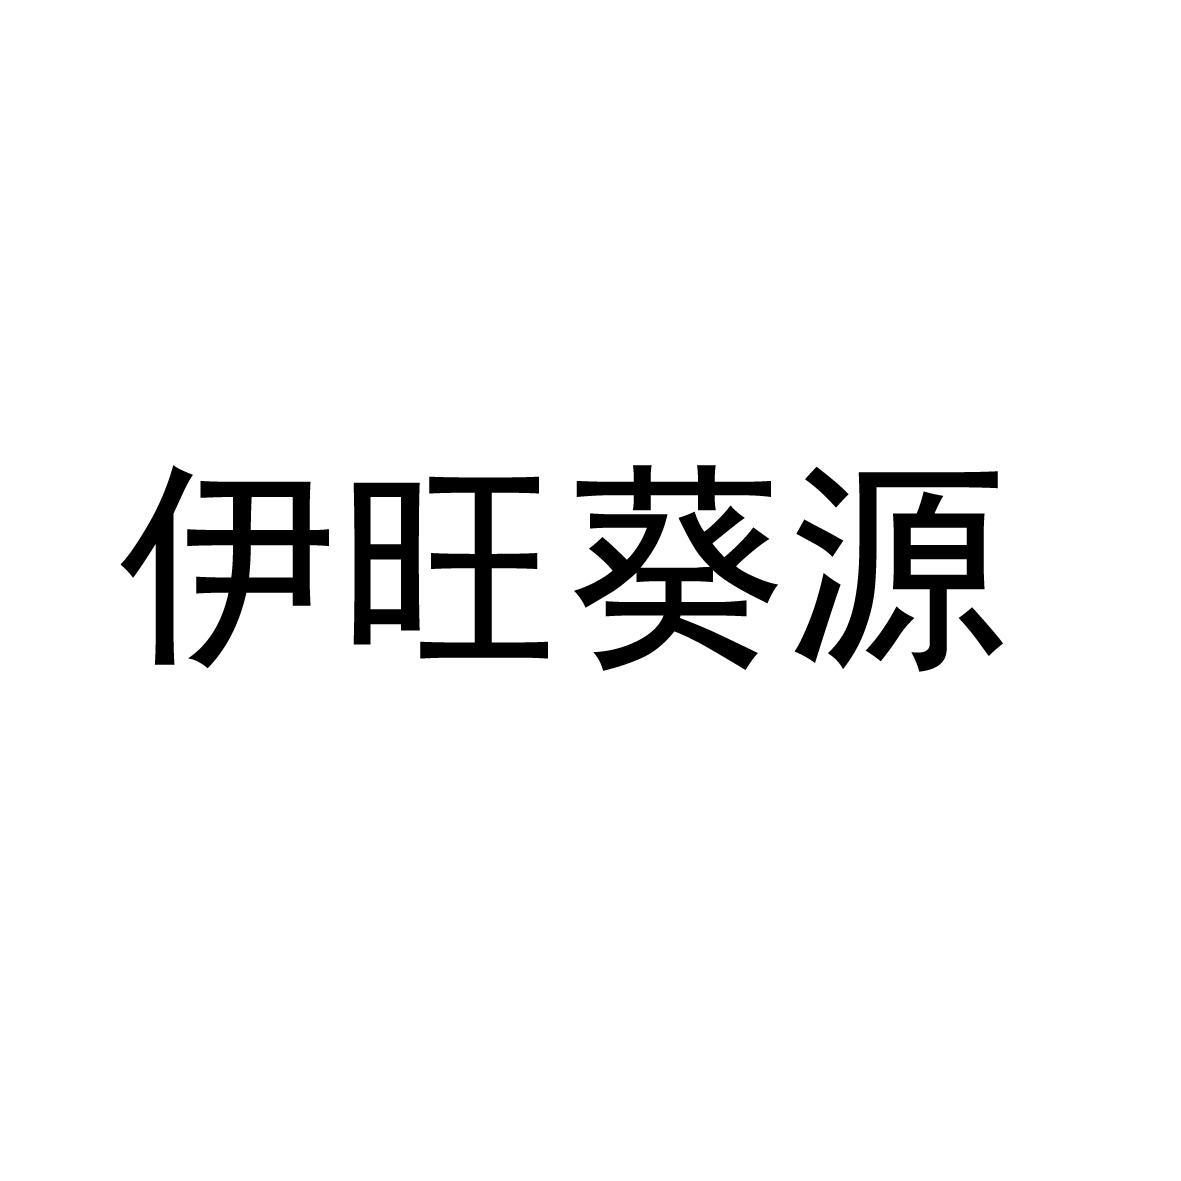 商标文字伊旺葵源商标注册号 42089555、商标申请人葛志明的商标详情 - 标库网商标查询